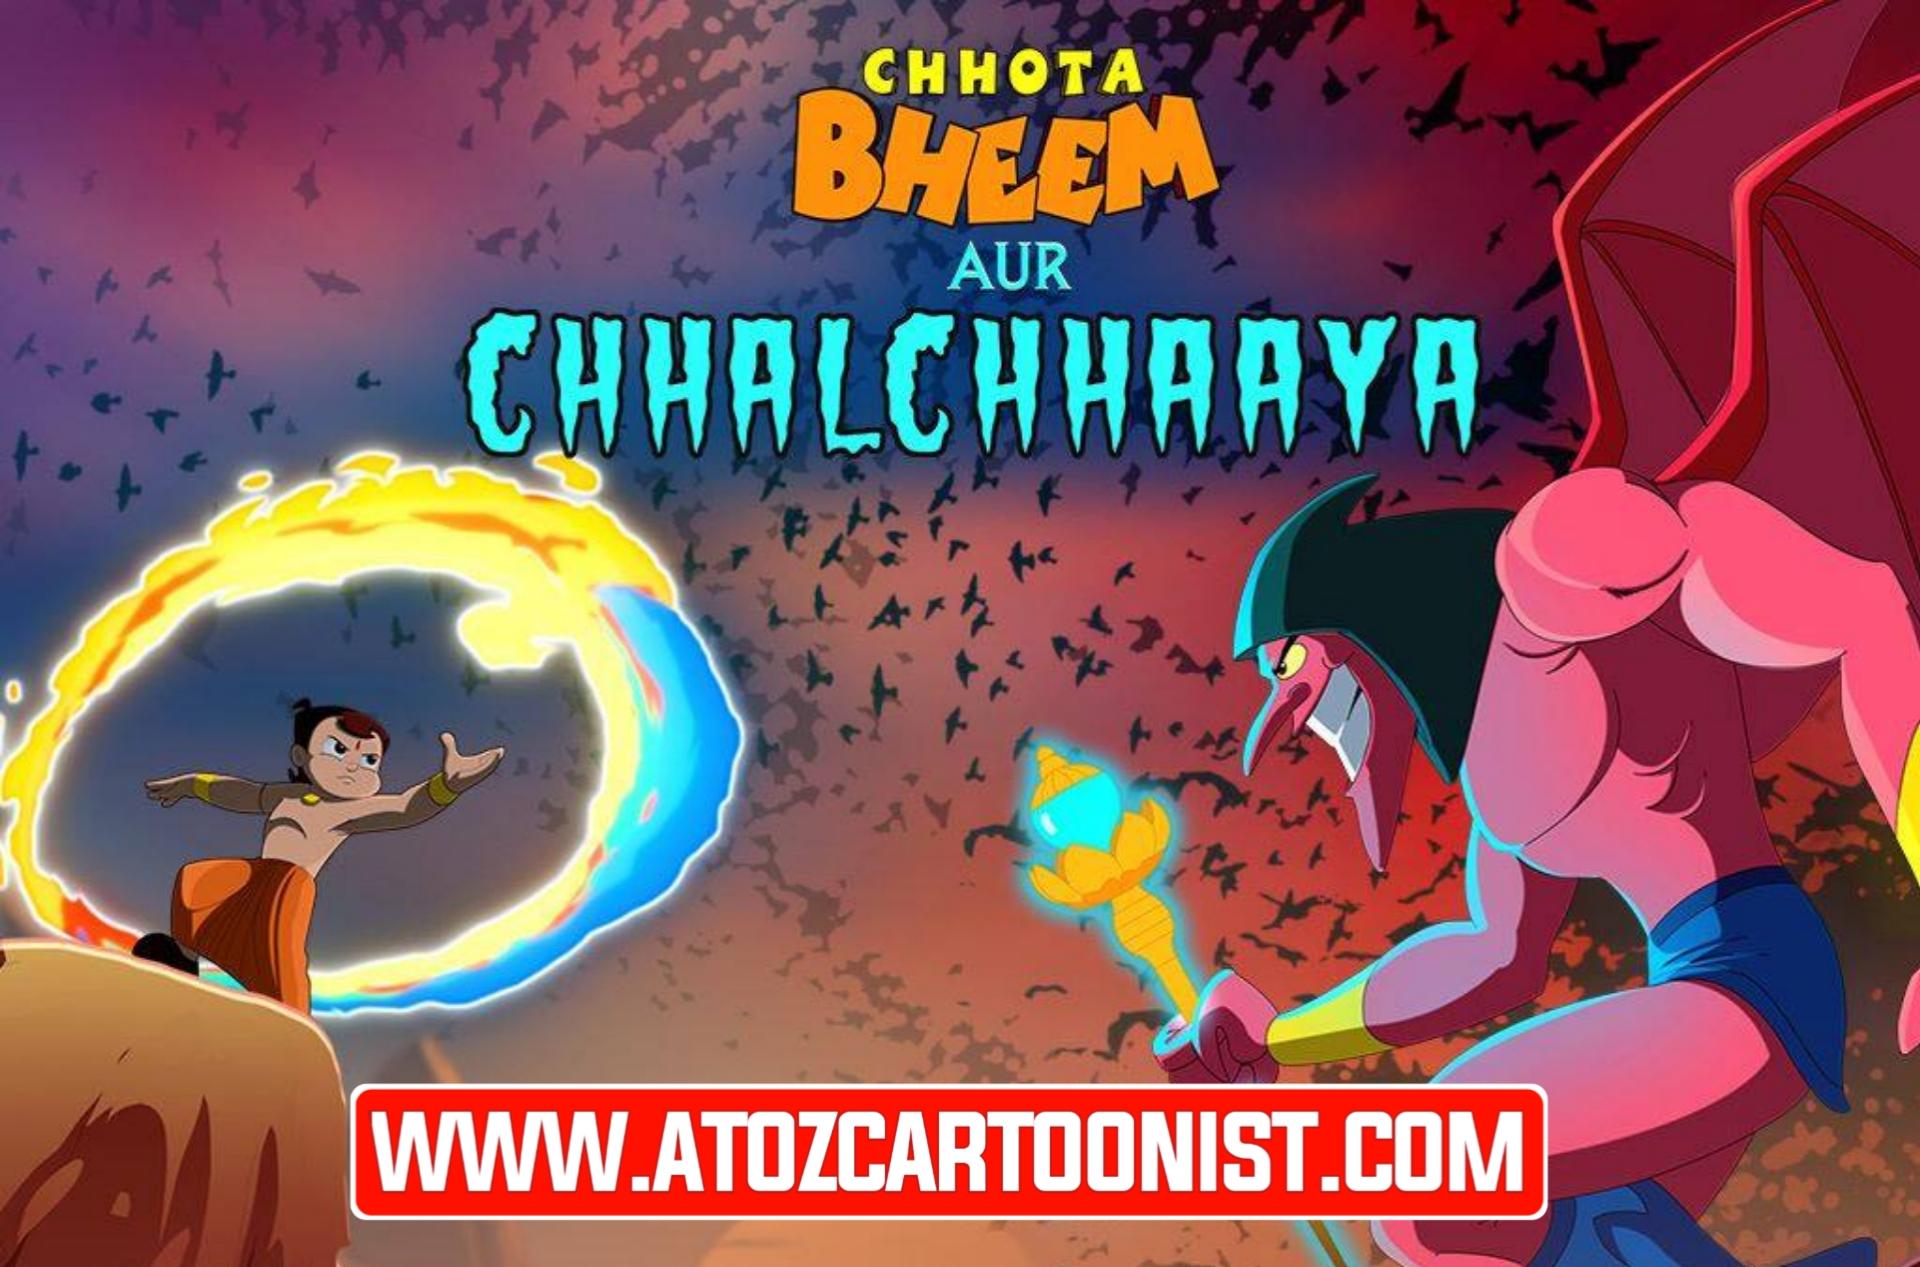 CHHOTA BHEEM AUR CHHAL-CHHAAYA FULL MOVIE IN HINDI & TAMIL DOWNLOAD (480P, 720P & 1080P)